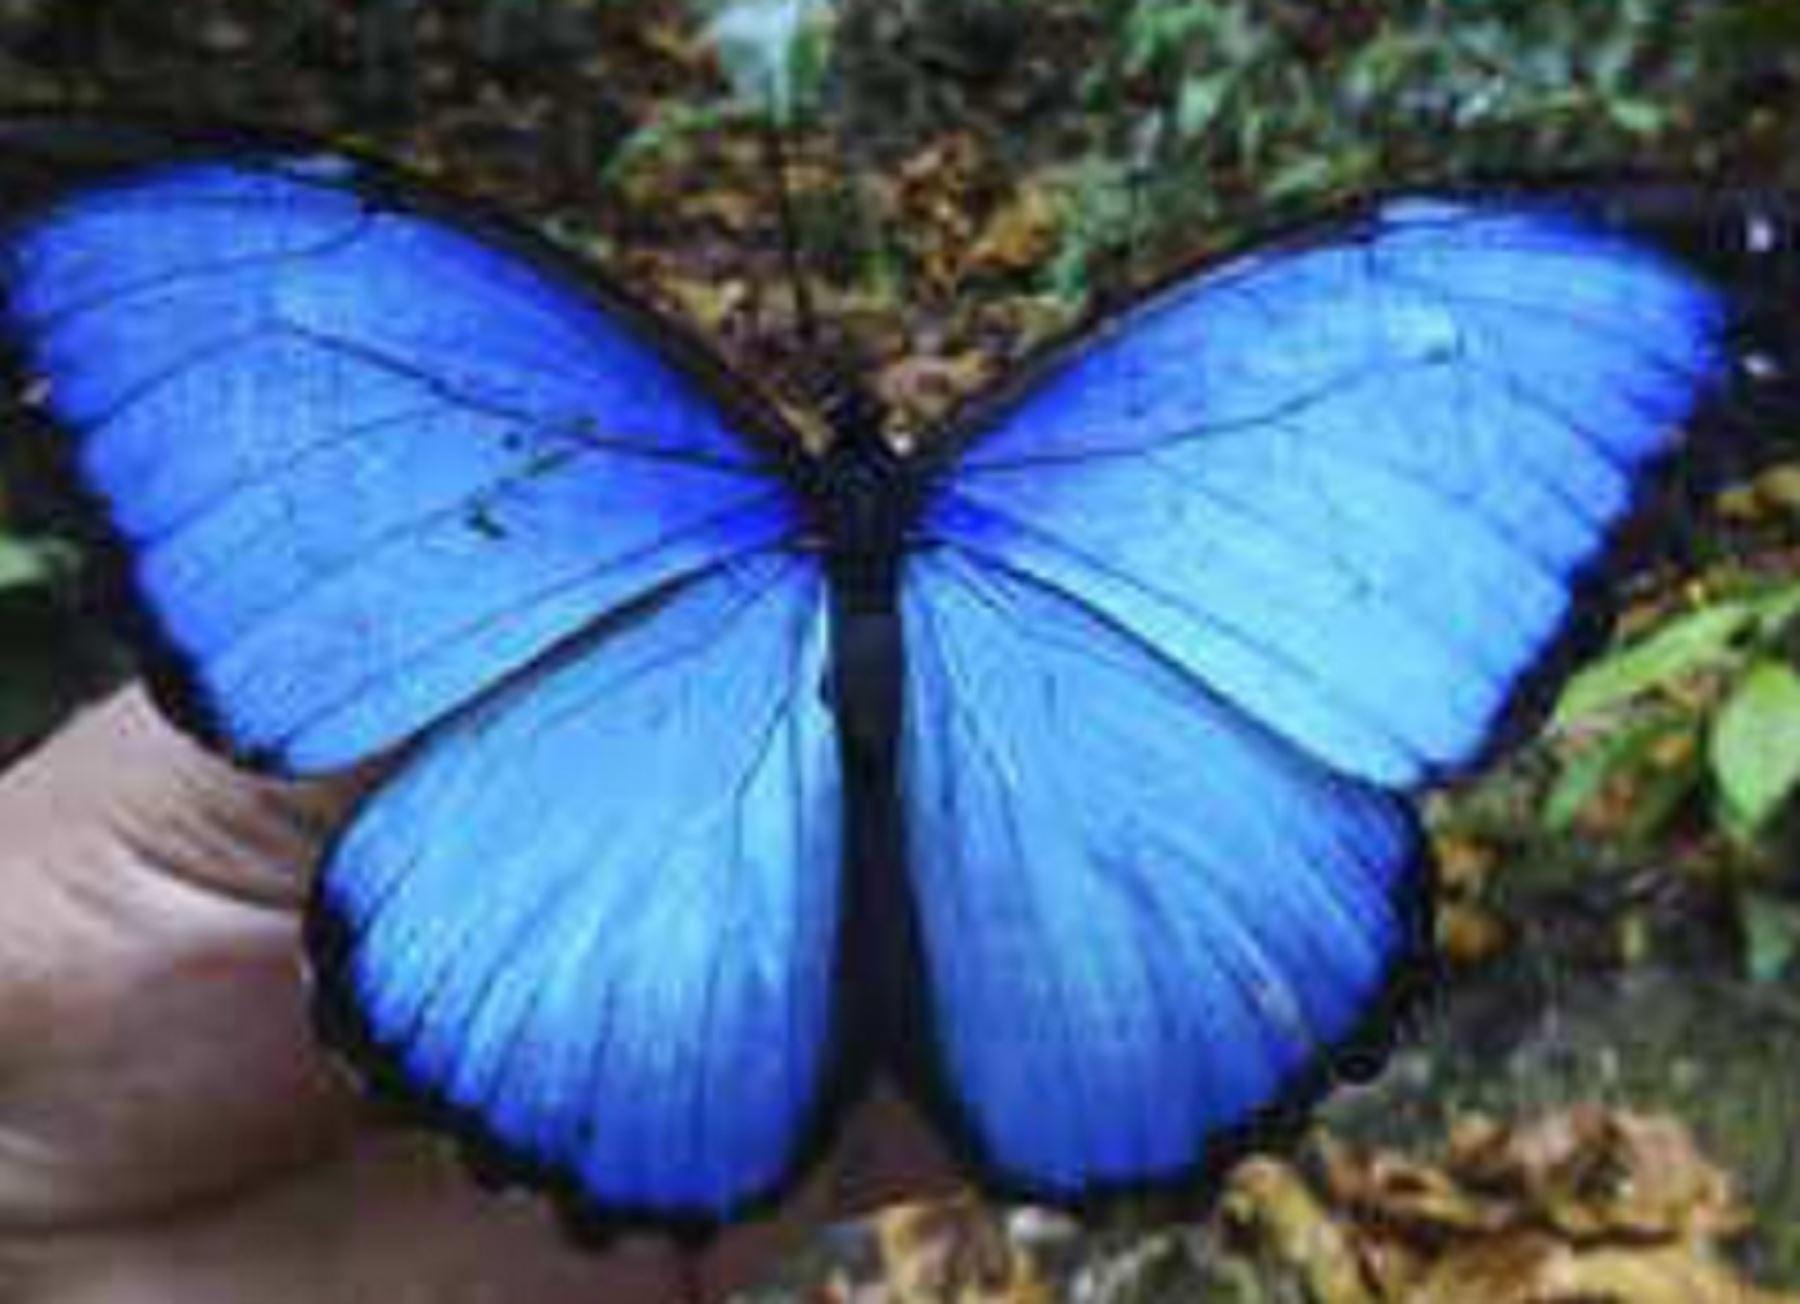 El Perú posee el mayor número de especies de mariposas en el planeta, con 4,200 ejemplares registrados hasta la actualidad. Muchas de ellas son exclusivas de la Amazonía y constituyen un recurso importante para desarrollar bionegocios sostenibles en beneficio de las poblaciones rurales.Foto: IIAP